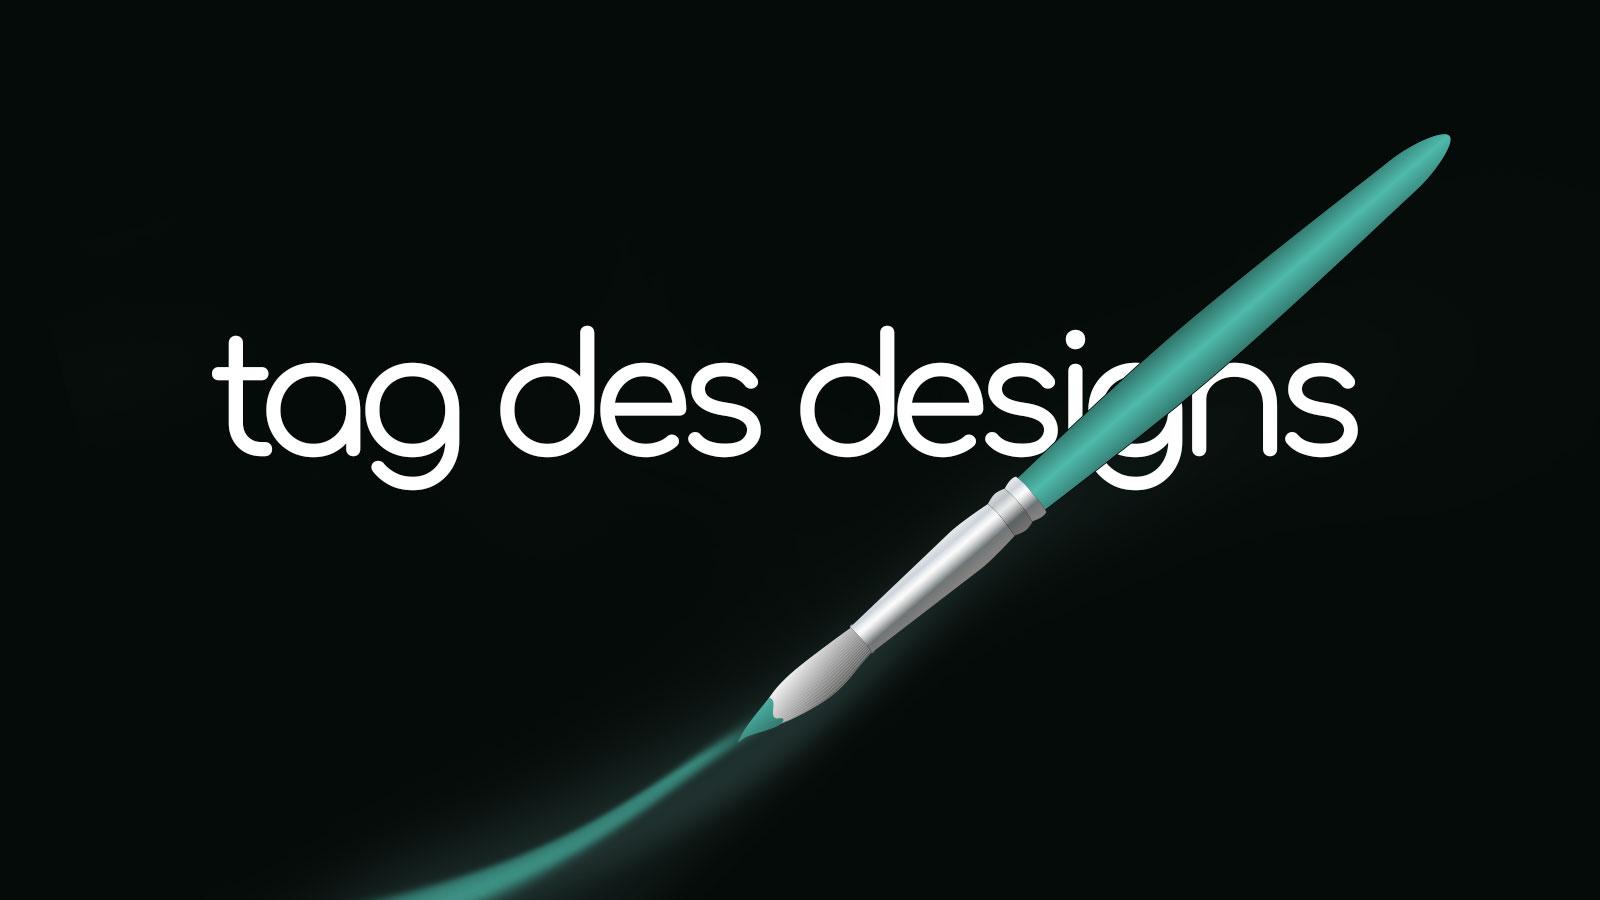 Welttag des Designs, Welt Grafiker Tag